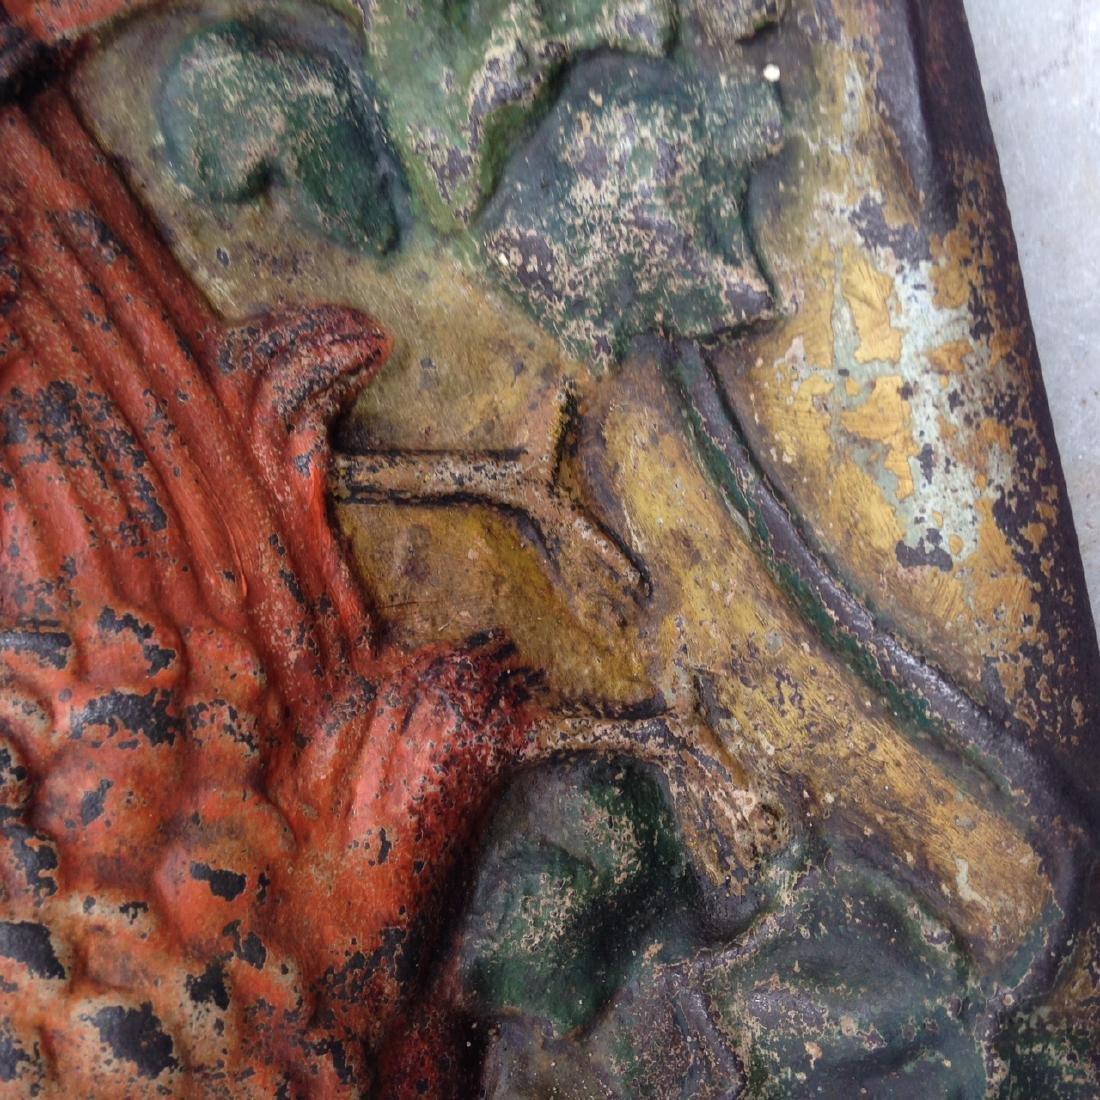 C1900 Cast Iron Cockatoo Doorstop in Original Paint - 5